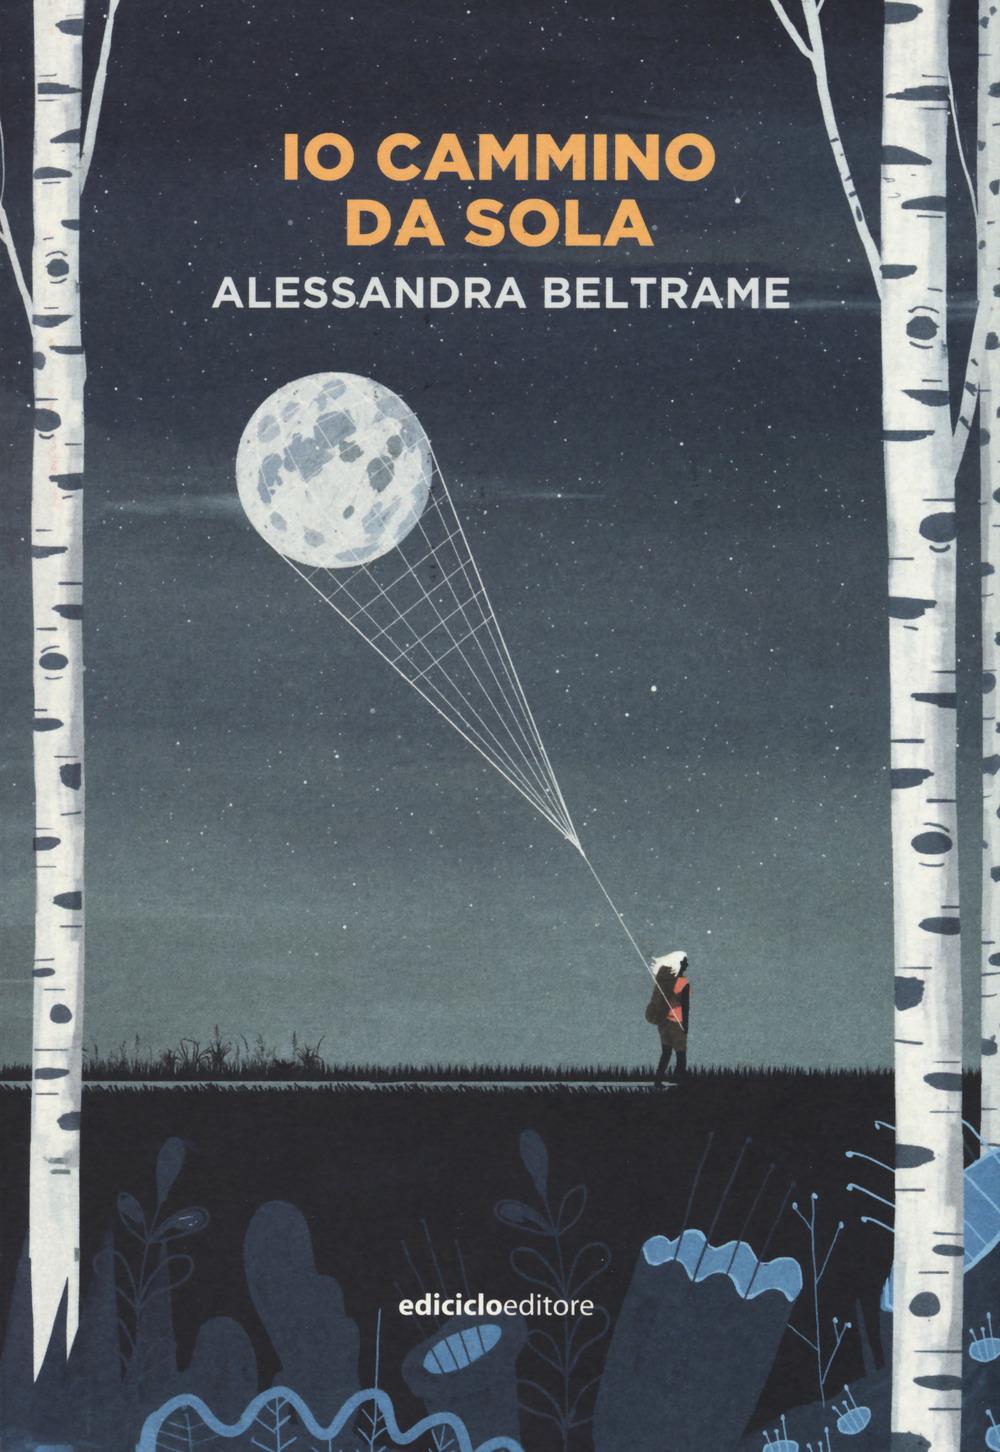 IO CAMMINO DA SOLA di Alessandra Beltrame, Ediciclo editore